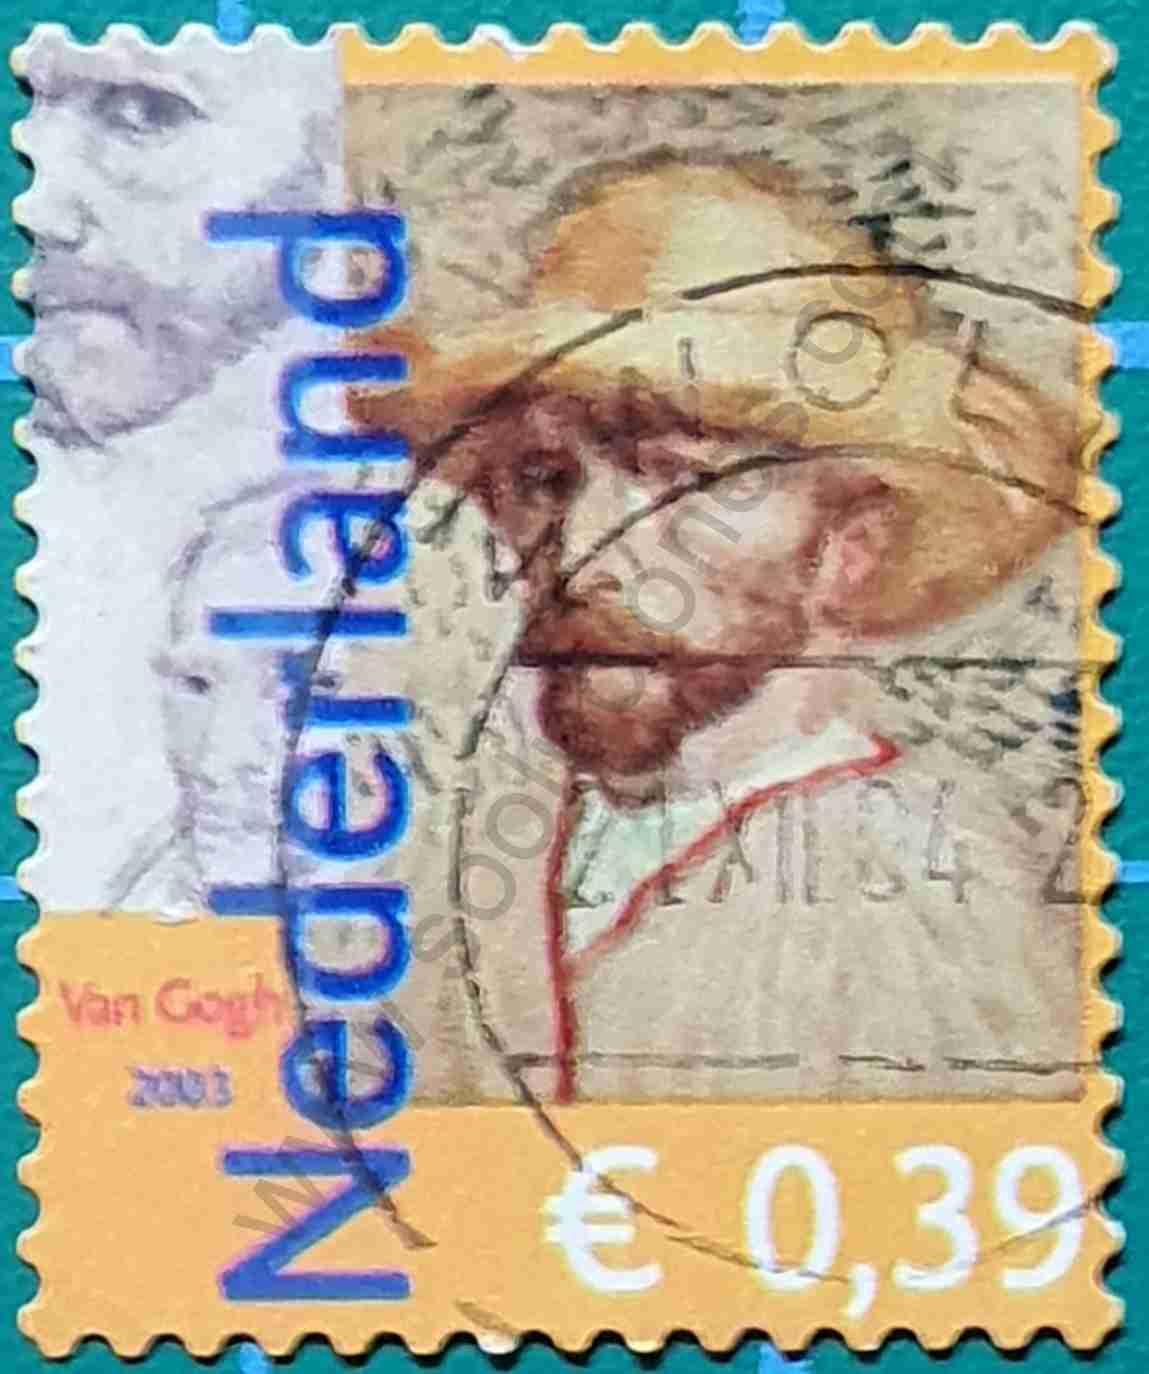 Vincent Van Gogh - Sello Países Bajos 2003